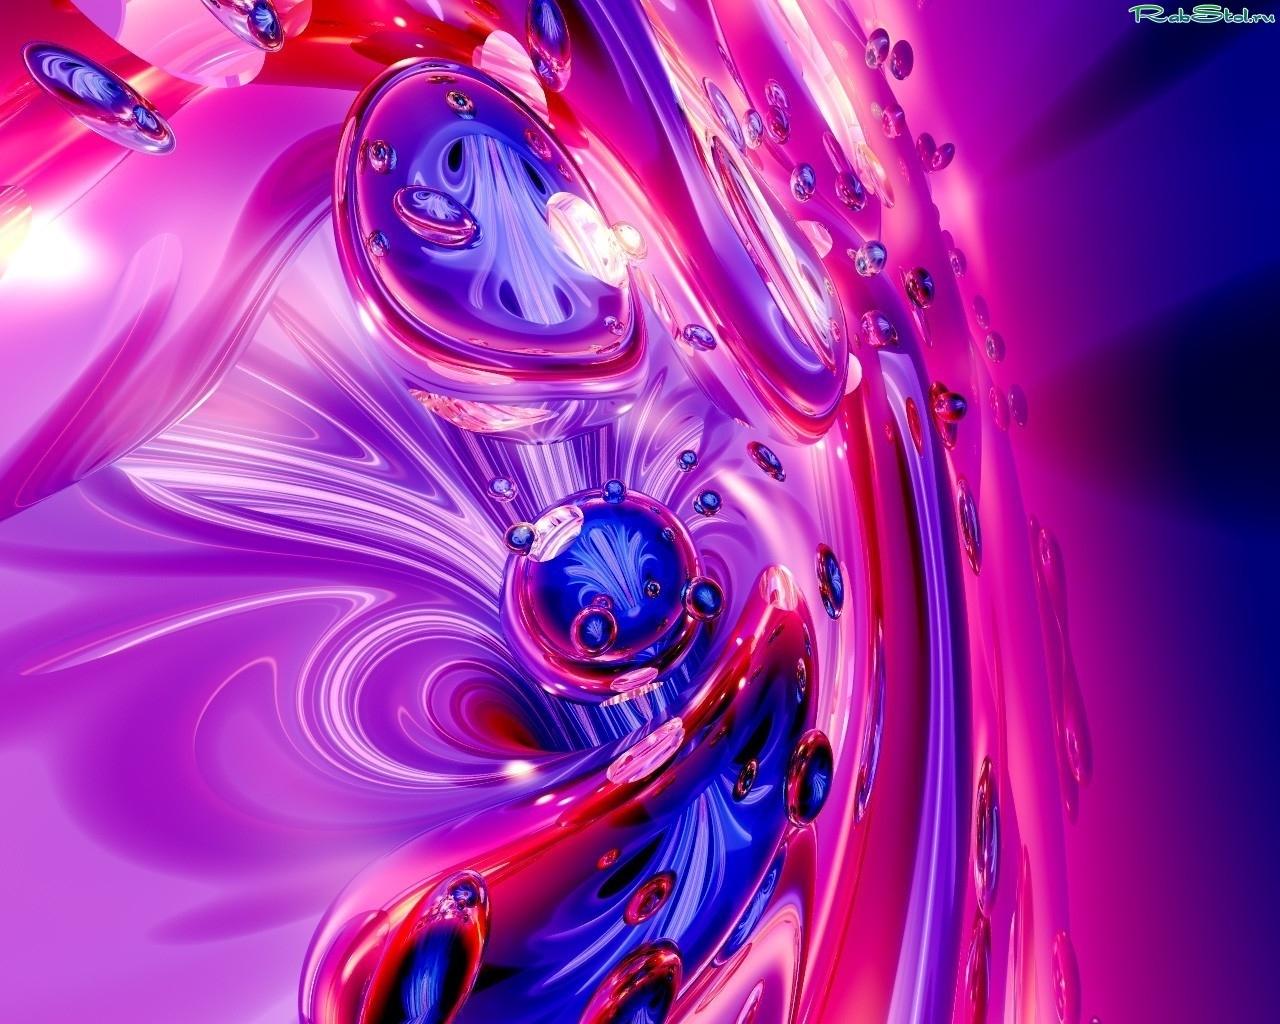 7835 скачать Фиолетовые обои на телефон бесплатно, Абстракция, Пузыри Фиолетовые картинки и заставки на мобильный